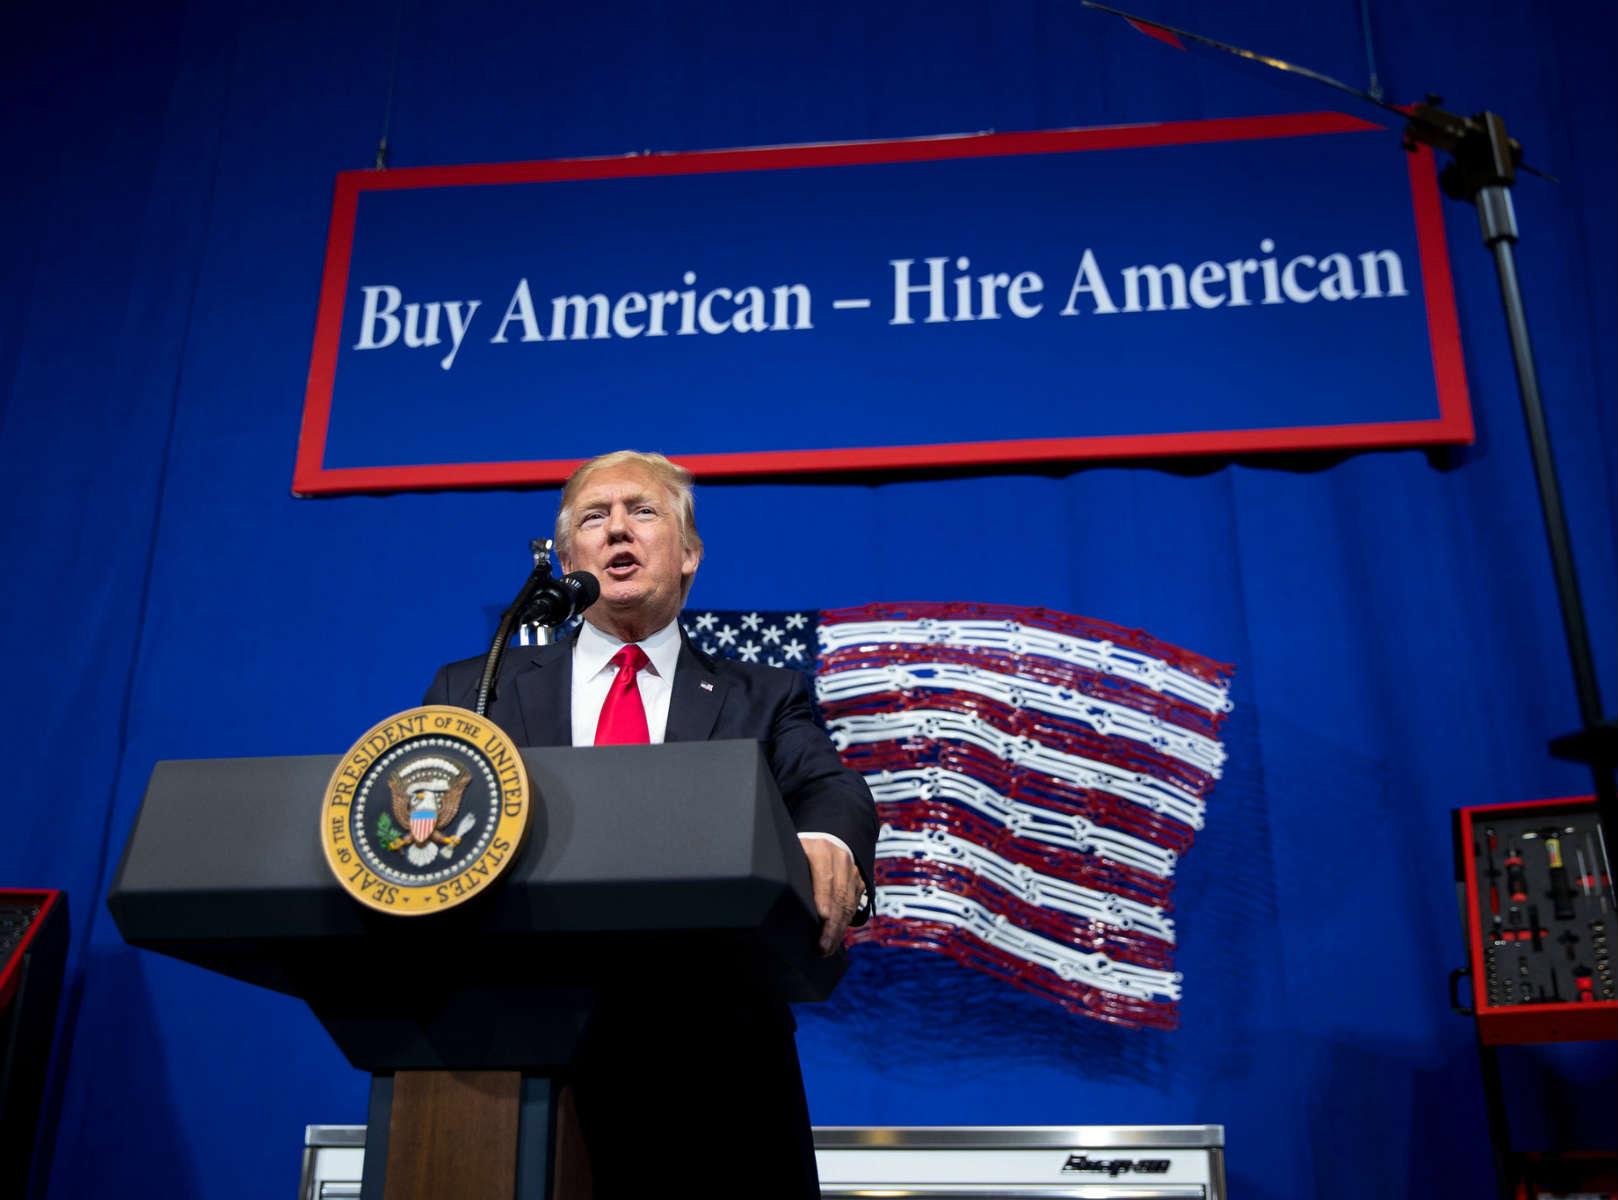 Američki predsednik Donald Tramp drži govor pred radnicima nakon posete jednoj fabrici (Foto: Doug Mills/The New York Times)